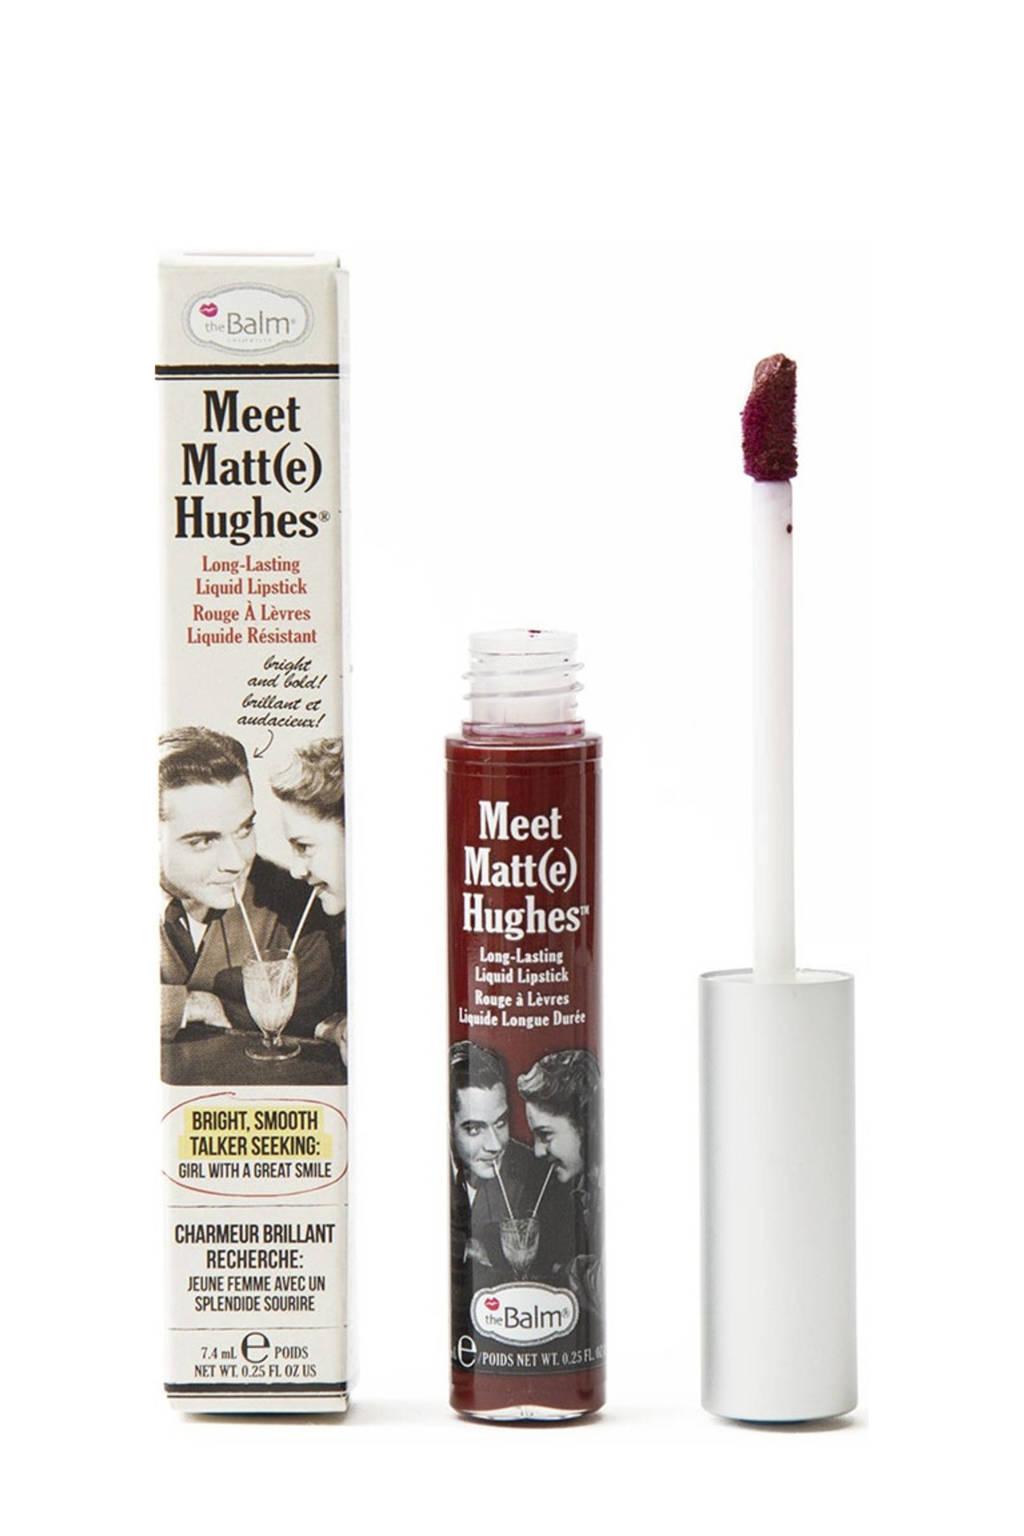 The Balm Meet Matte Hughes lippenstift - Adoring, Merlot